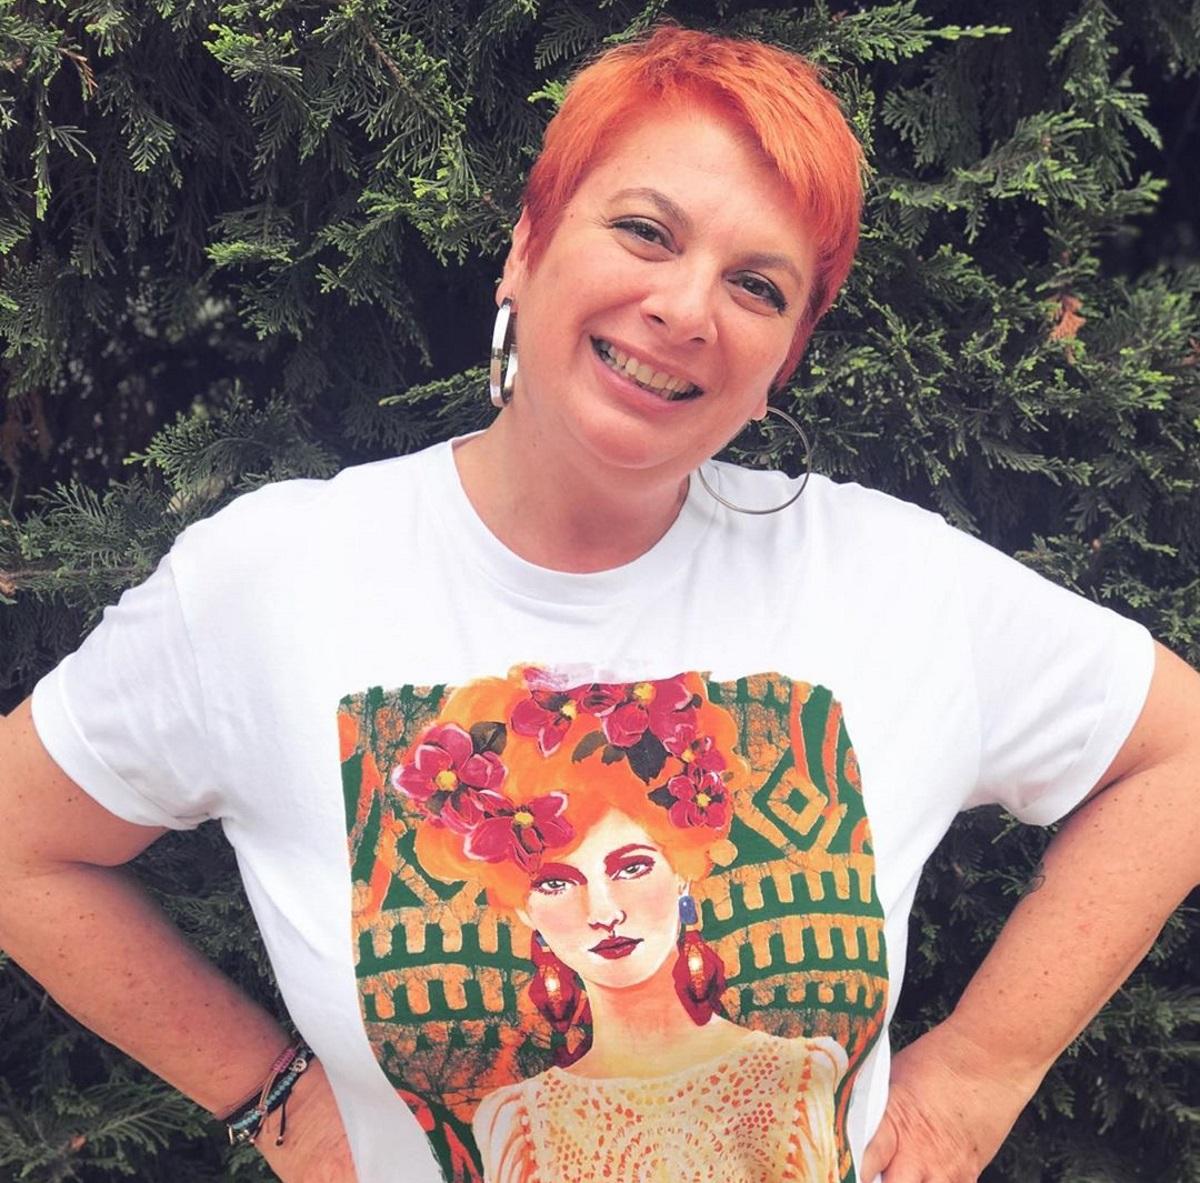 Ελεάννα Τρυφίδου: Η απίστευτη αλλαγή της δημοσιογράφου μέσα σε 2 χρόνια – Έχασε 33 κιλά!